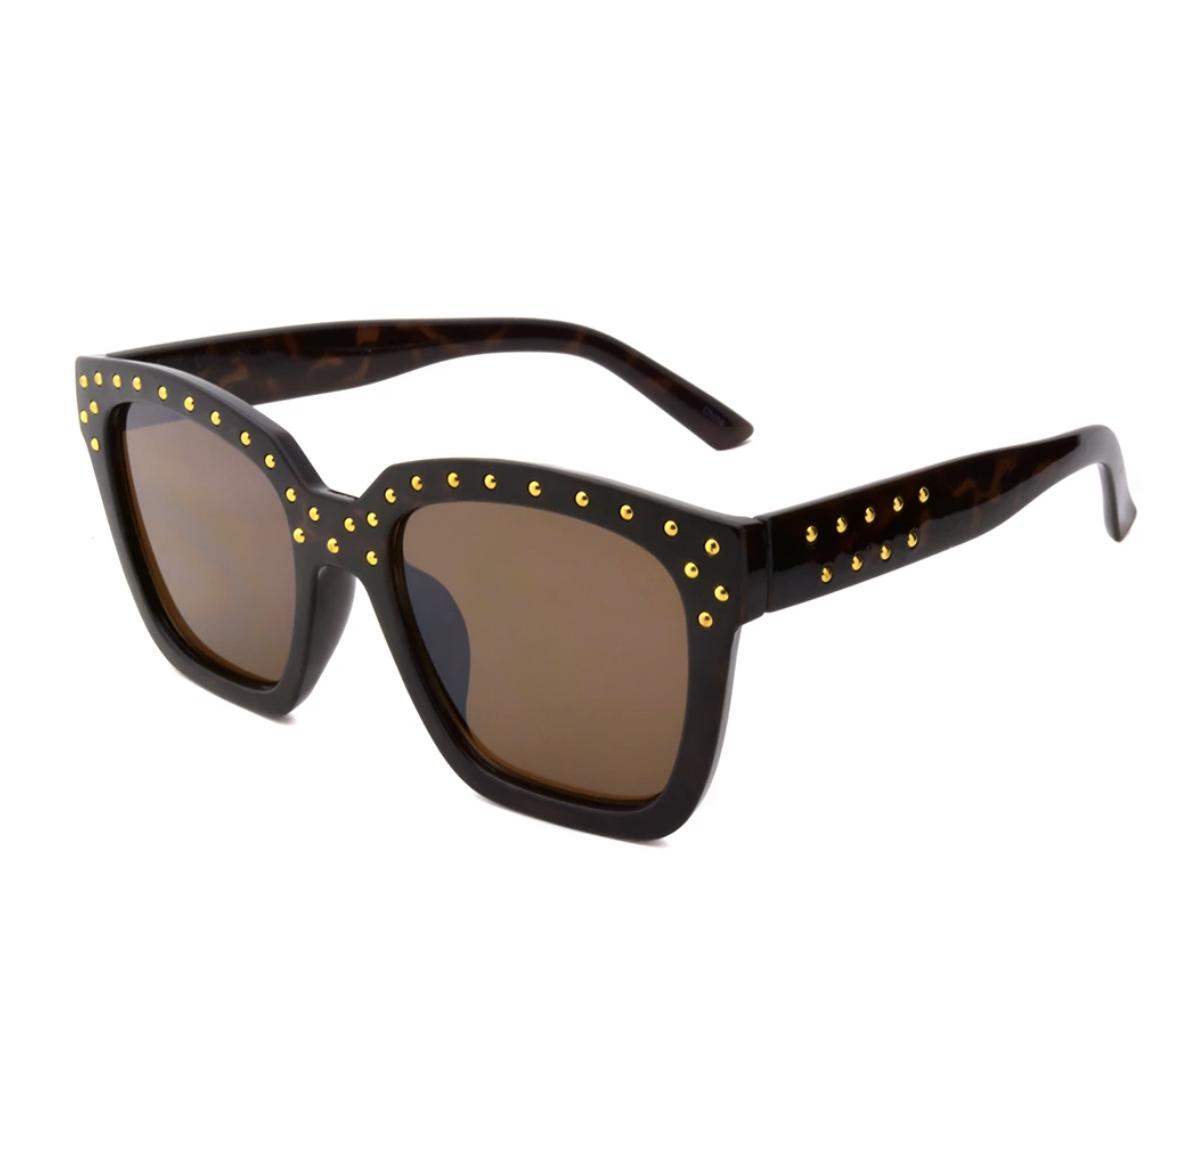 target tortoise shell sunglasses